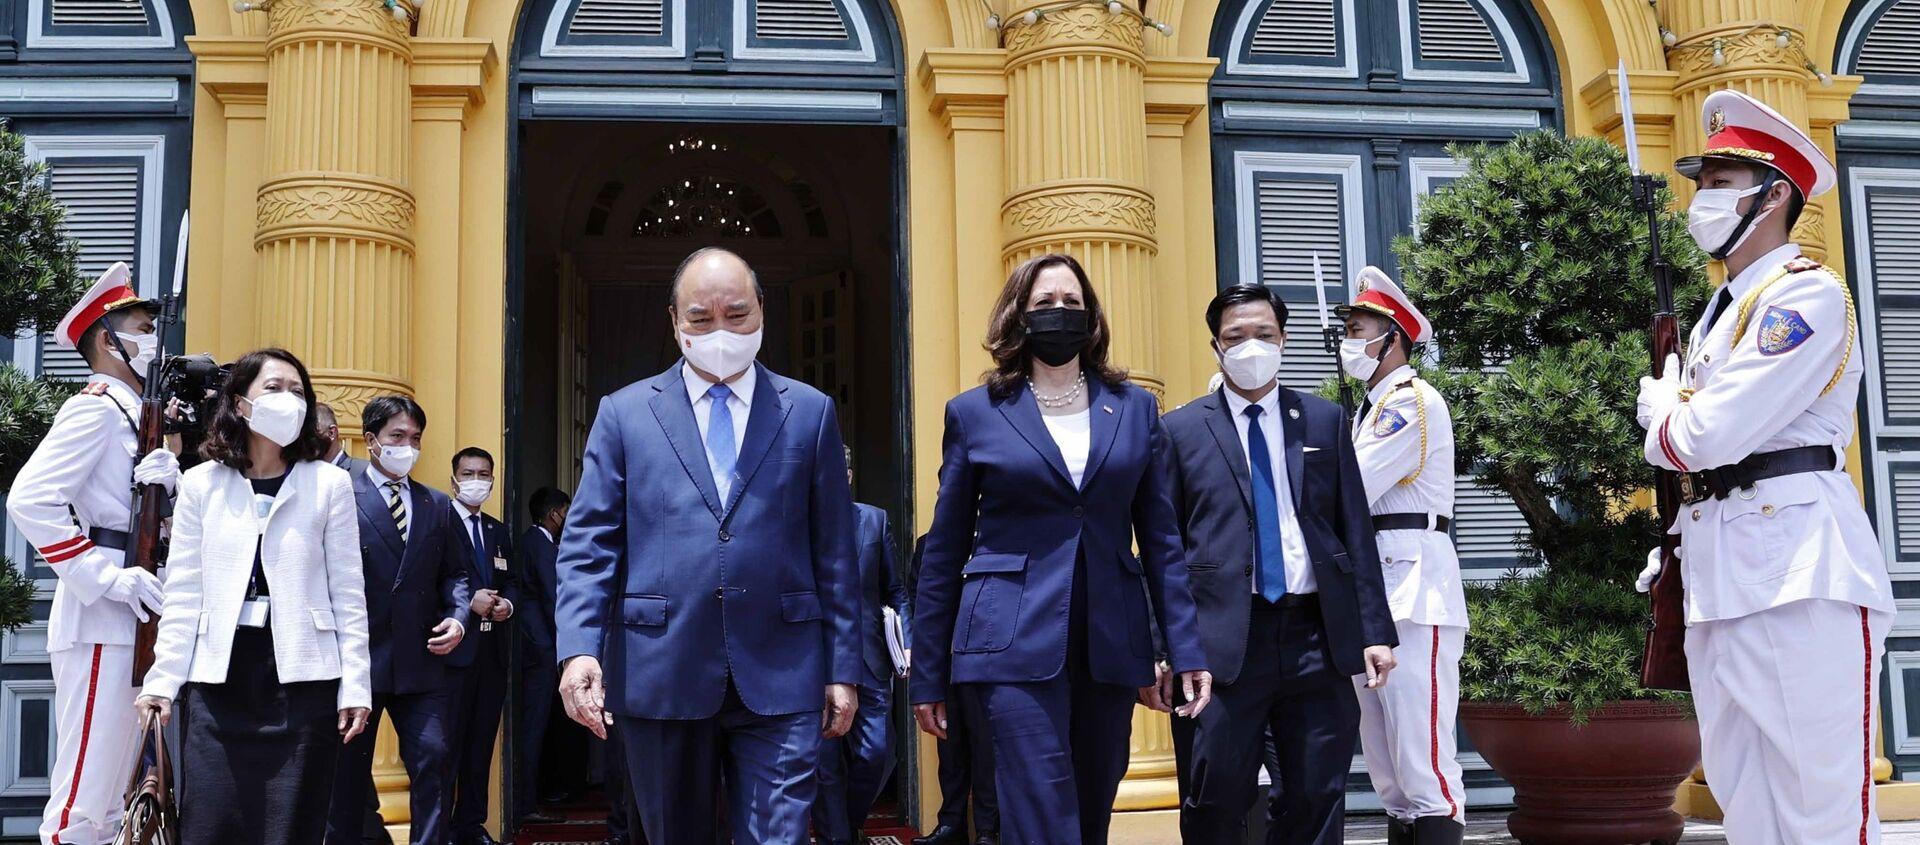 Chủ tịch nước Nguyễn Xuân Phúc tiễn Phó Tổng thống Hoa Kỳ Kamala Harris - Sputnik Việt Nam, 1920, 09.09.2021